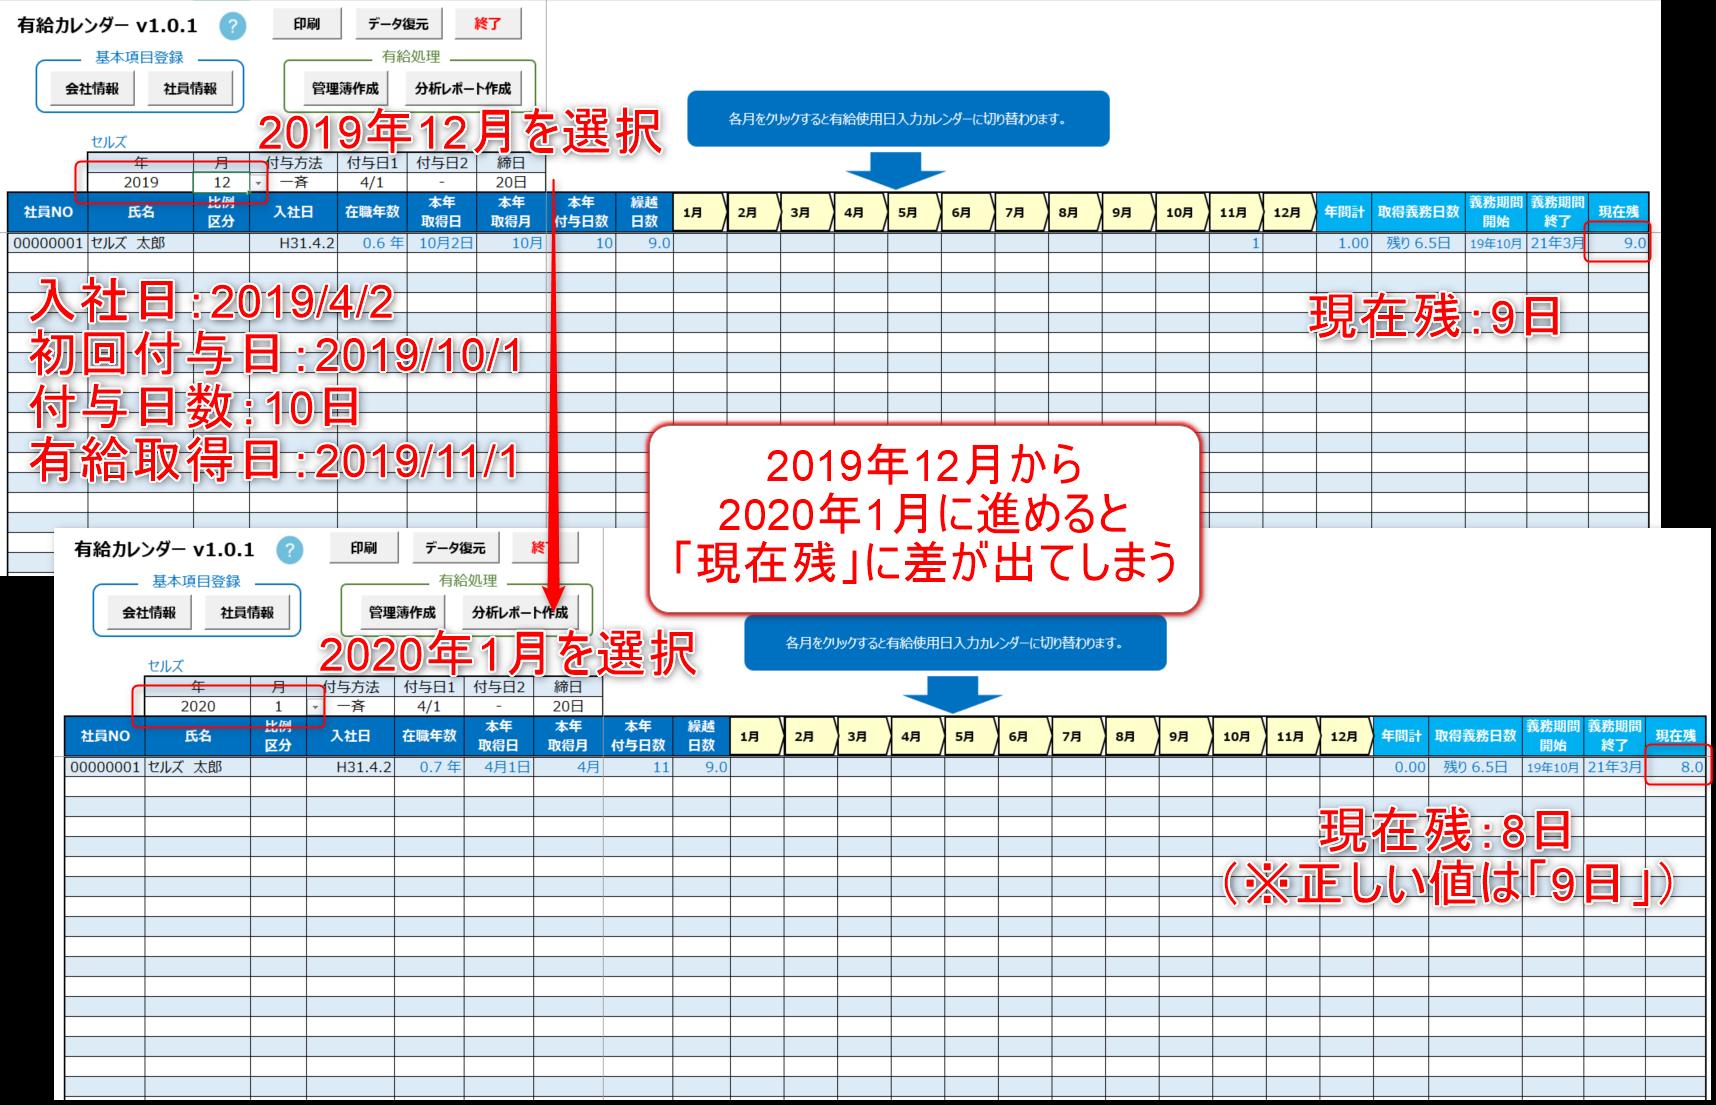 「有給カレンダー」V1.0.2へのアップデート提供開始